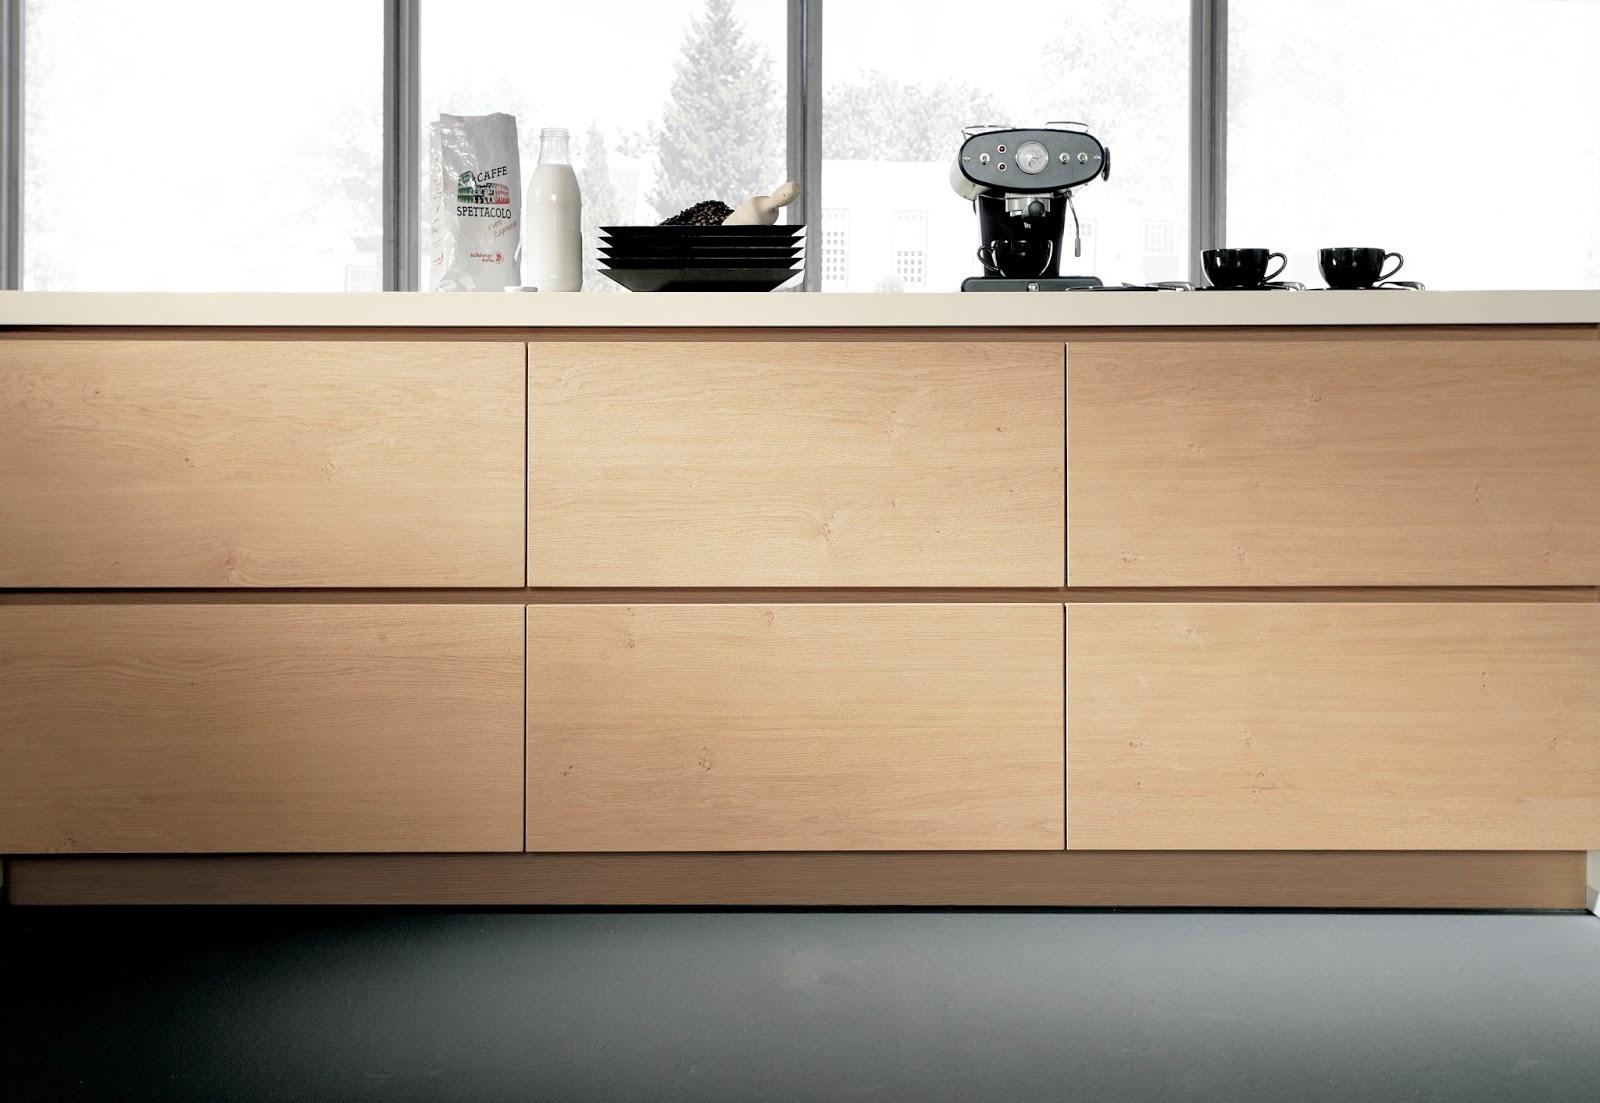 cuisine design sans poign es en bois. Black Bedroom Furniture Sets. Home Design Ideas